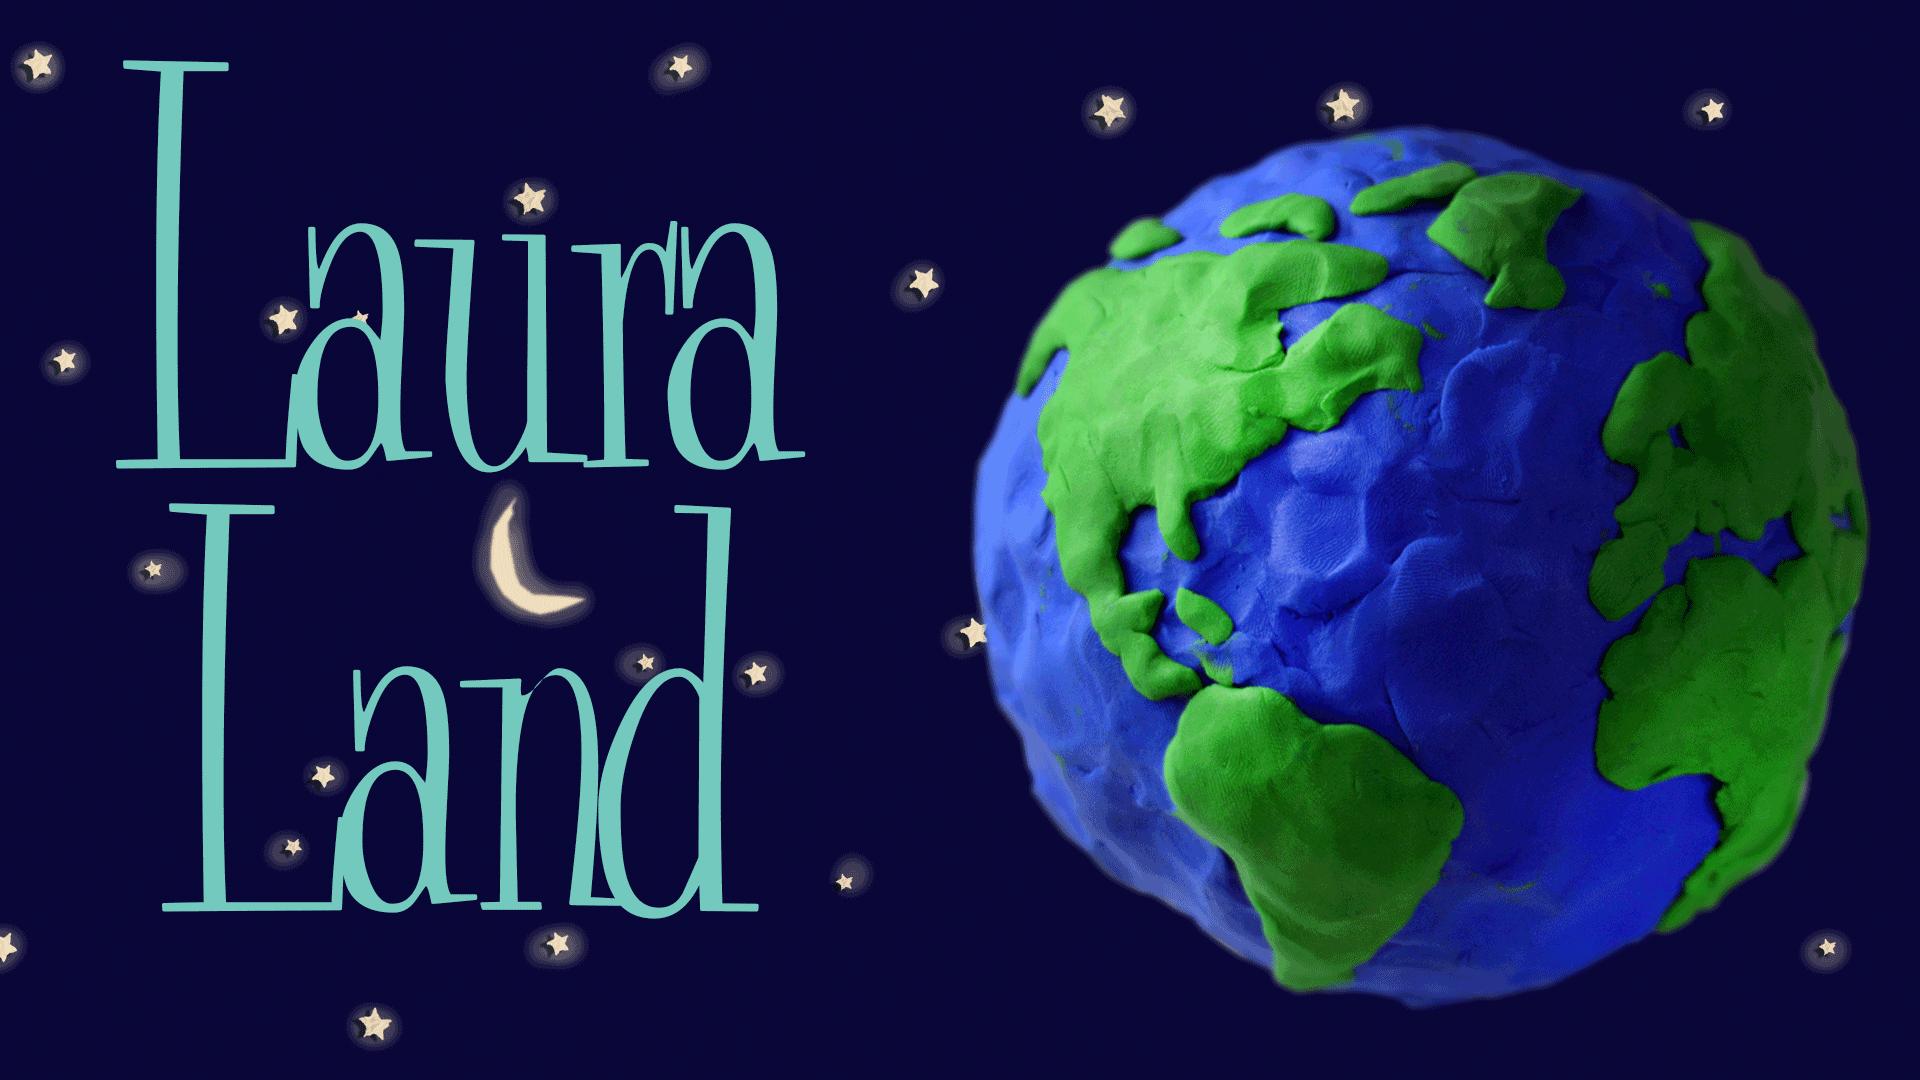 Laura Land